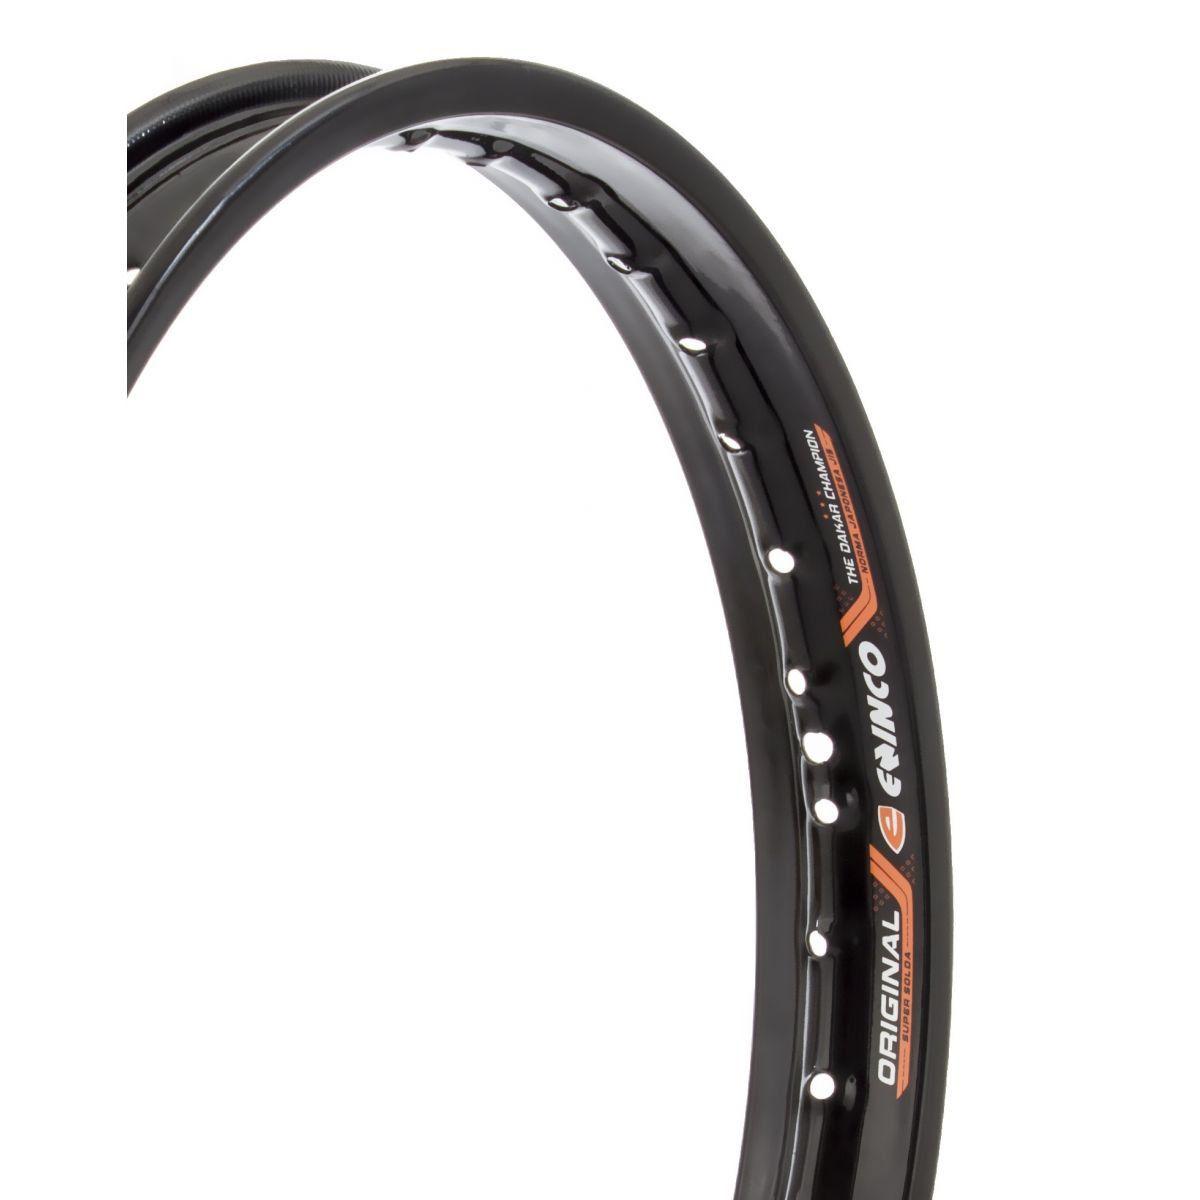 Aro de Moto Traseiro Honda NXR Bros 125 / 150 / NX 400 Falcon - 2.15 X 17 - Preto - Eninco